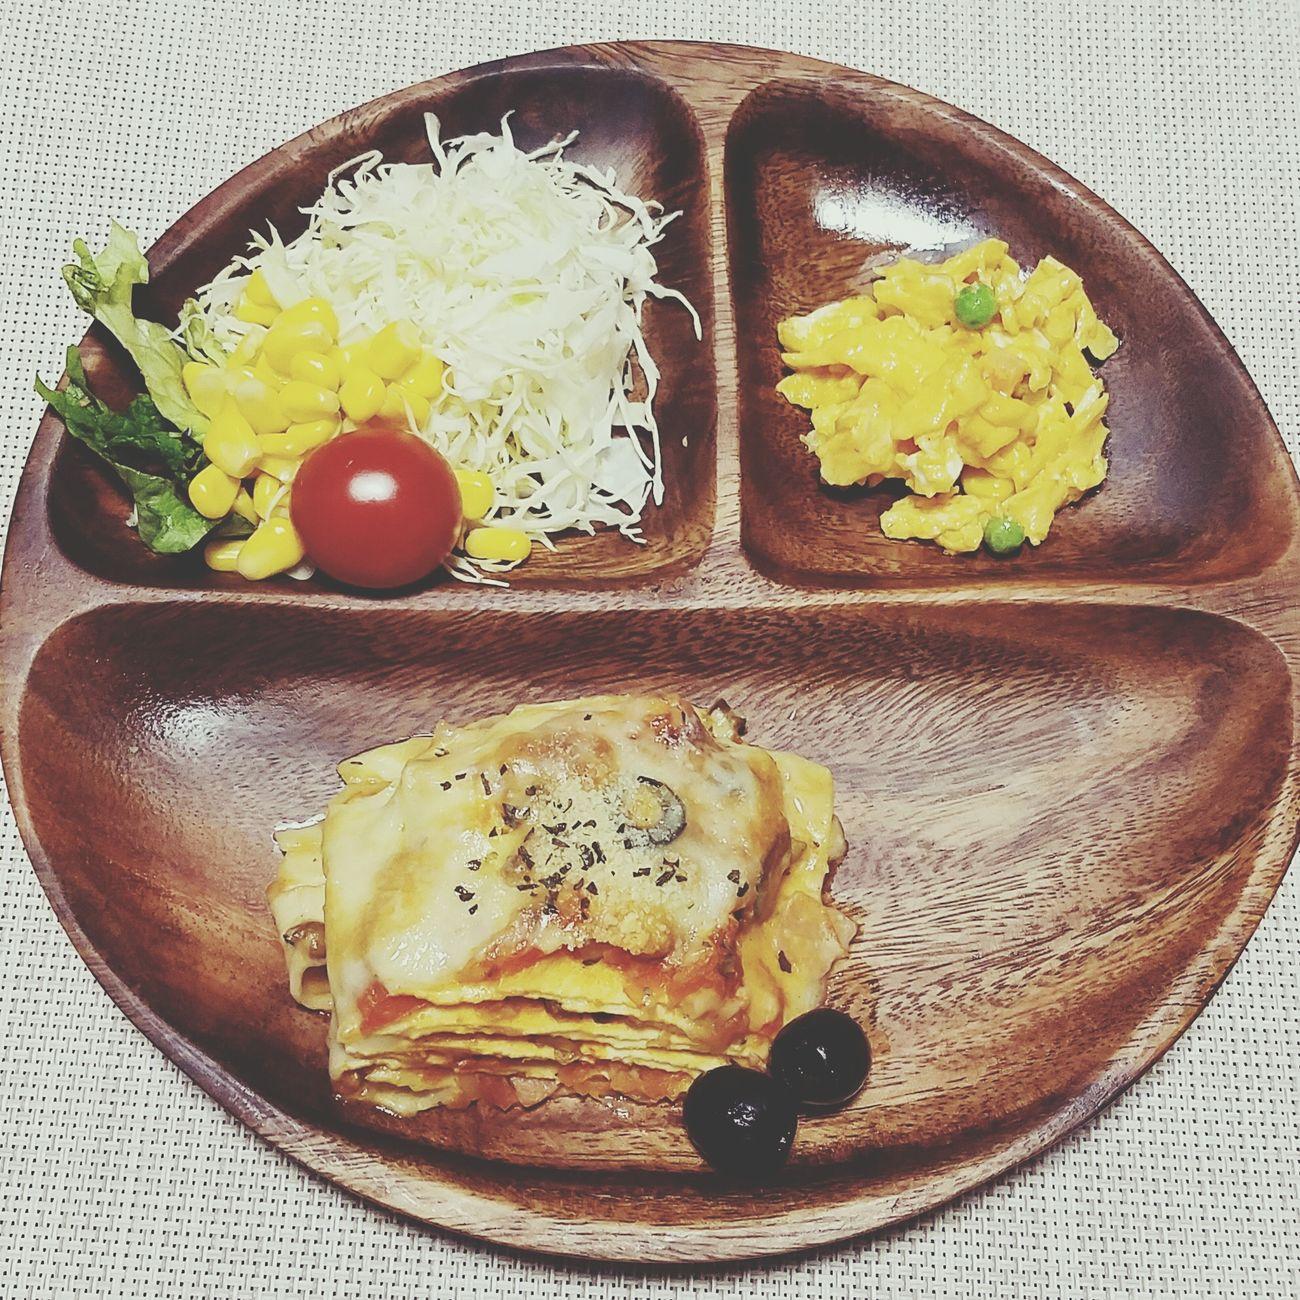 来月から行ってしまう👮...😢 私も仕事辞めて行こうかな✈ Food Plate Frijol Frijole Tomato Olives Oliva Comidas Huevos Revueltos Scrambled Eggs Lasagna Lasaña